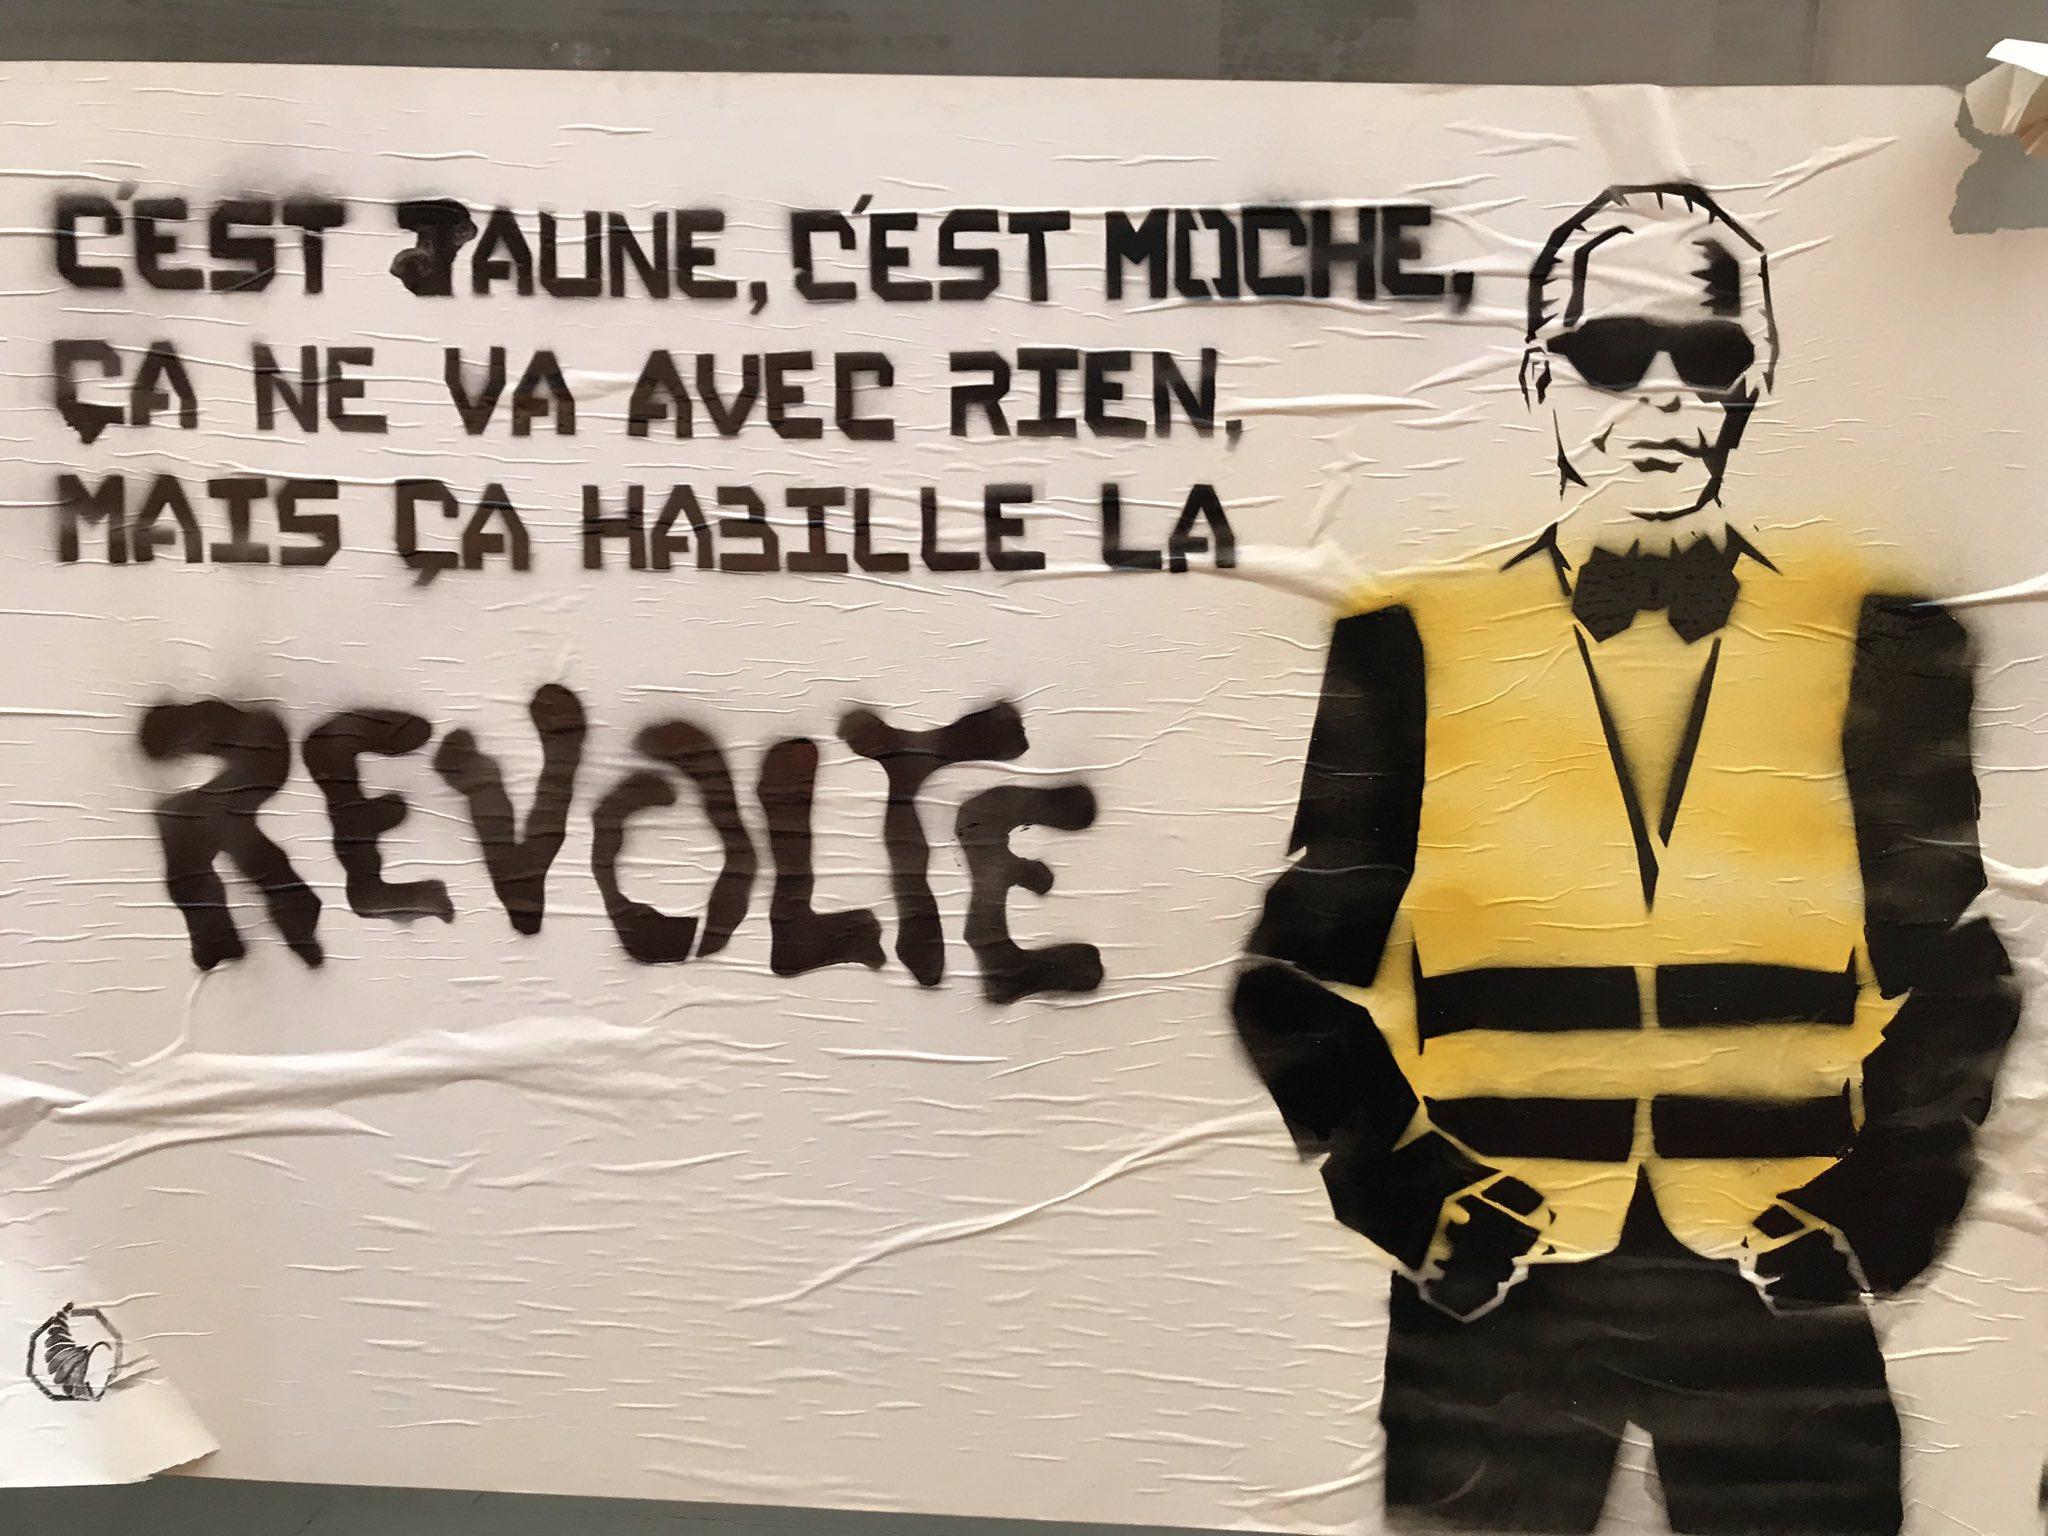 LES LUTTES EN FRANCE vers la restructuration politique (Gilets jaunes) : les débats continués 17 déc.- mars 2019 Dvg79uiW0AE6_ex